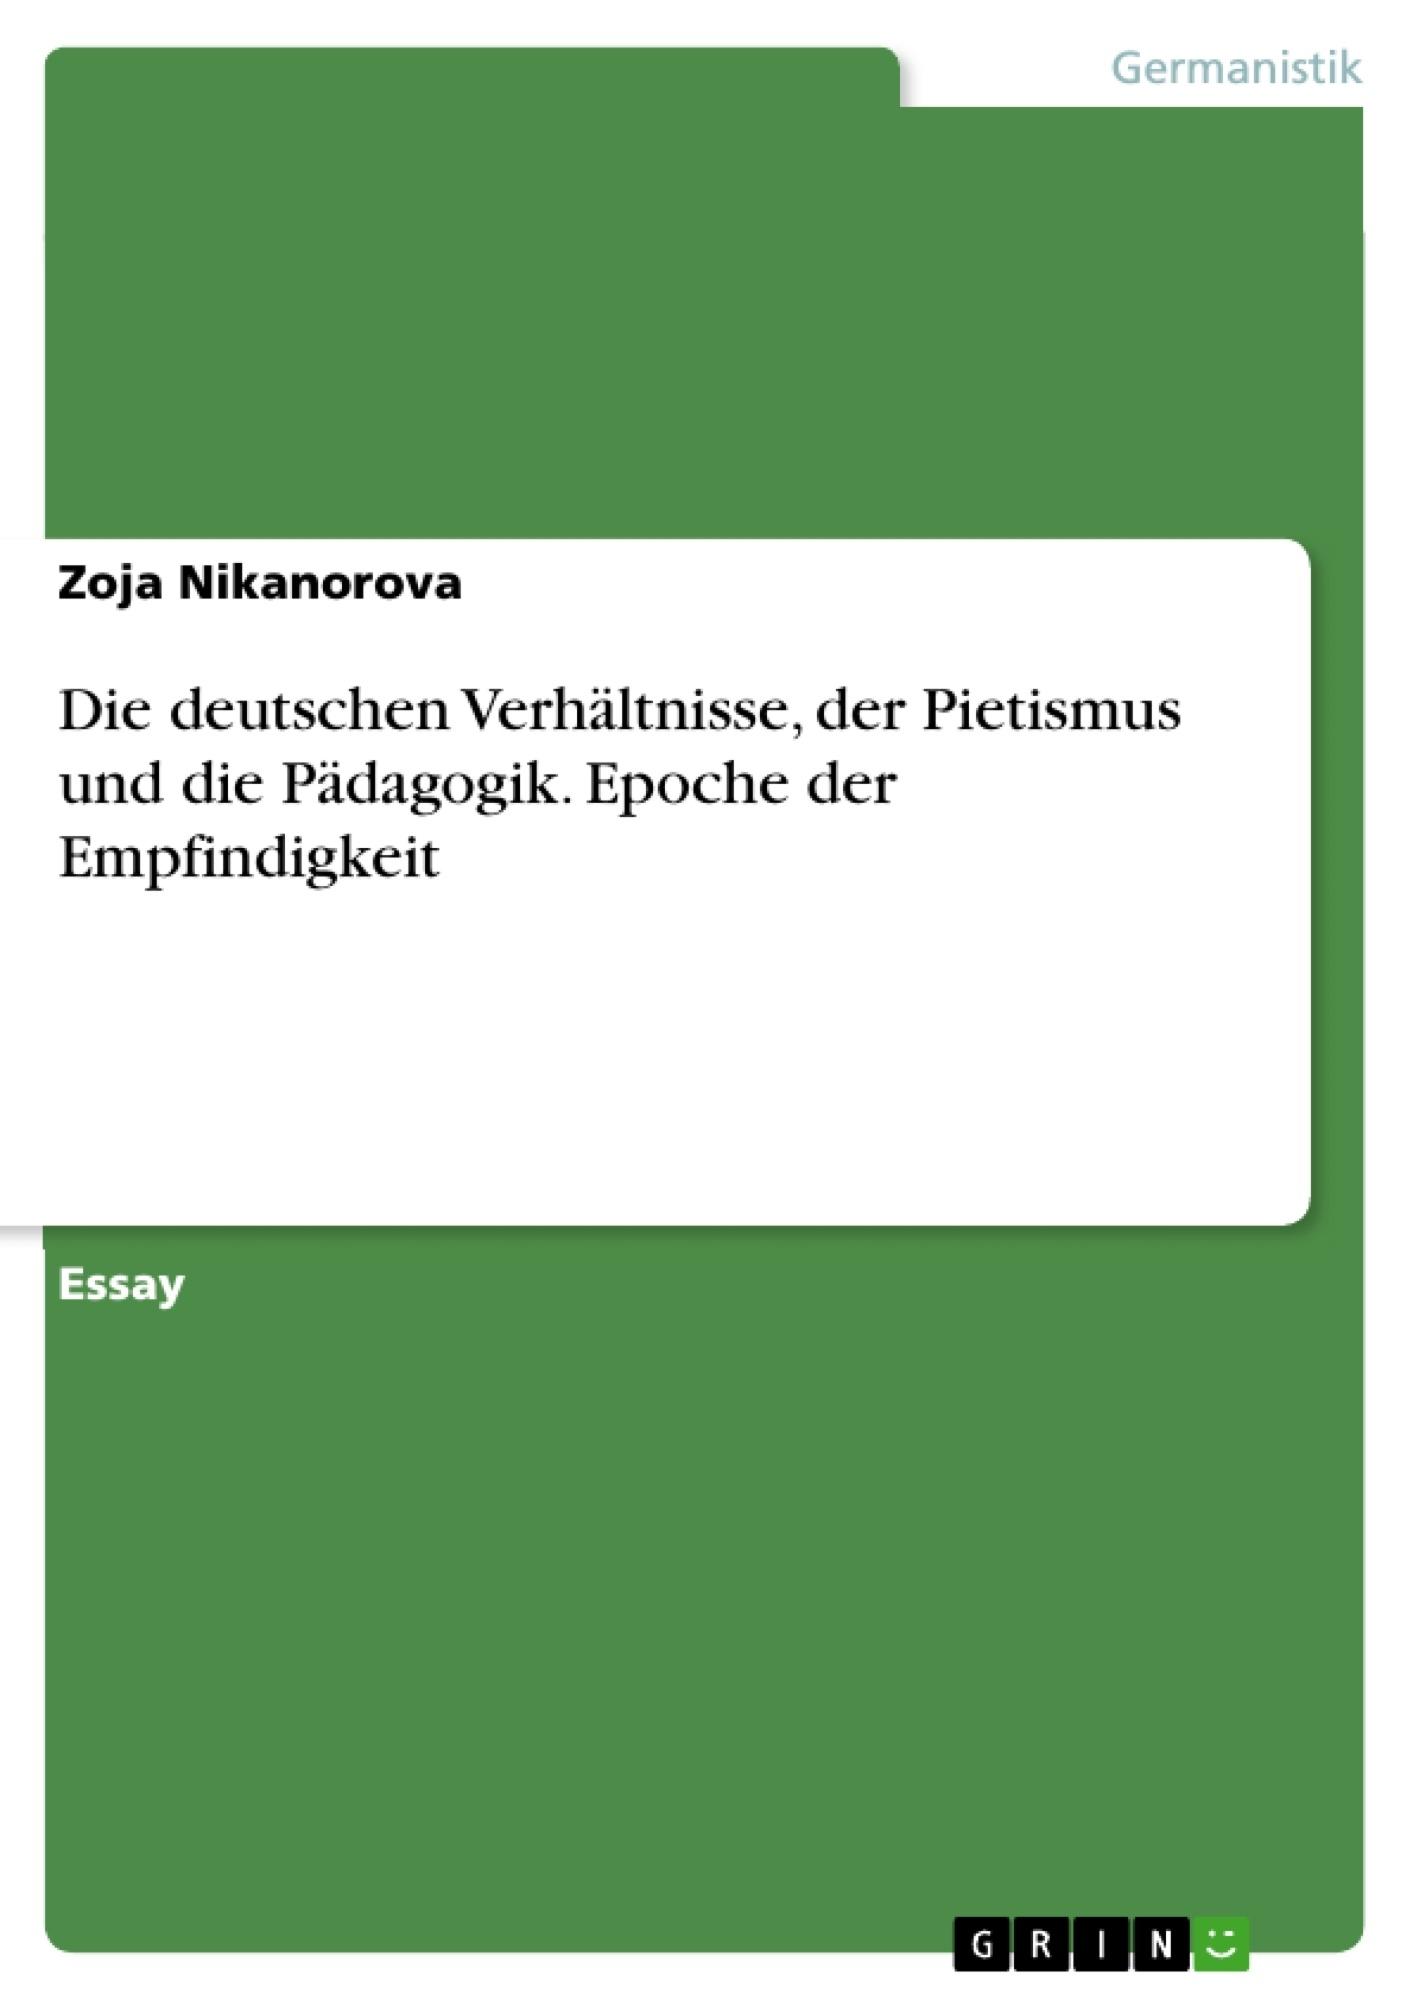 Titel: Die deutschen Verhältnisse, der Pietismus und die Pädagogik. Epoche der Empfindigkeit